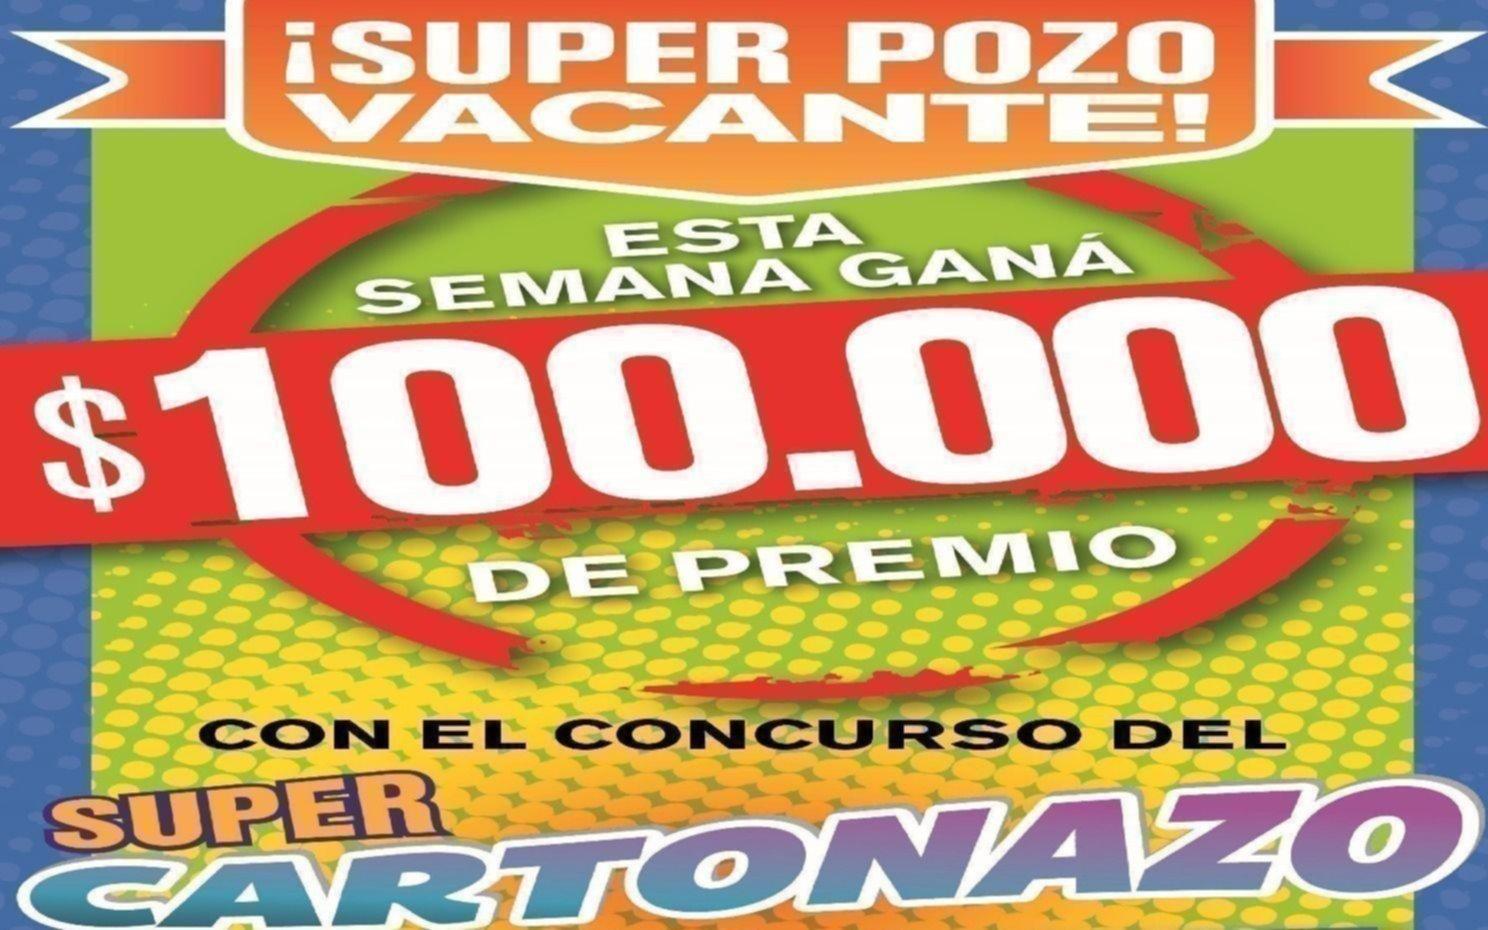 ¡Controlá tu Cartonazo, hay 100 mil pesos en juego!